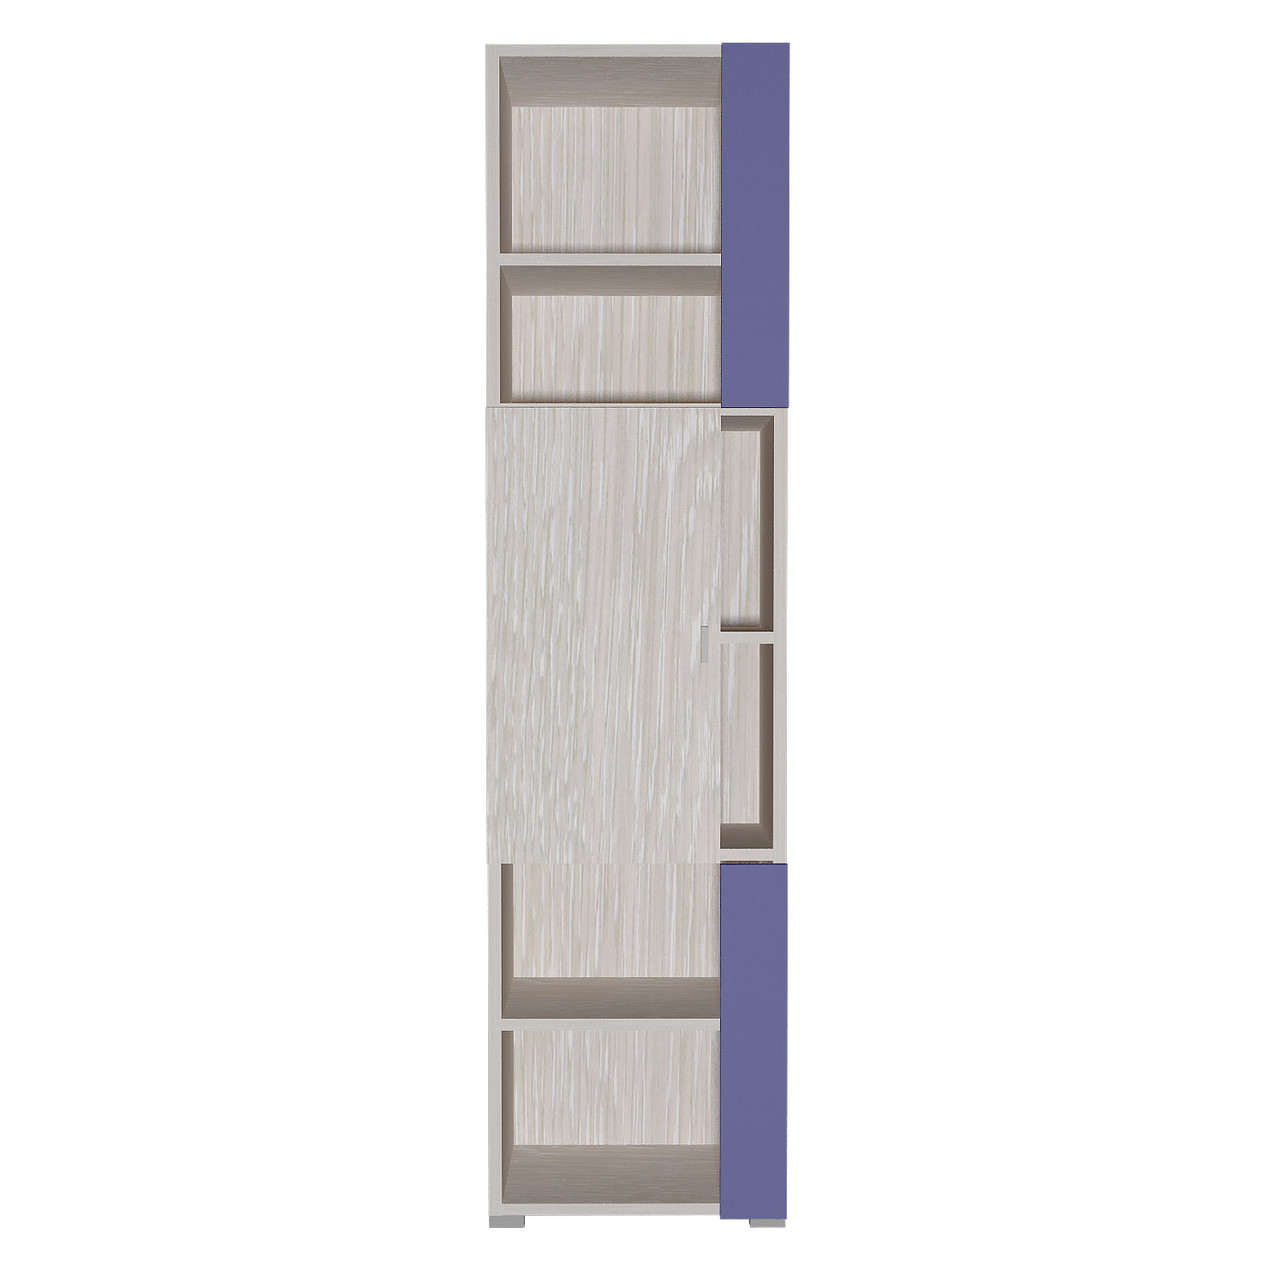 Шафа в дитячу кімнату з ДСП/МДФ AXEL F Blonski 1 дверна атланта+фіолет синій